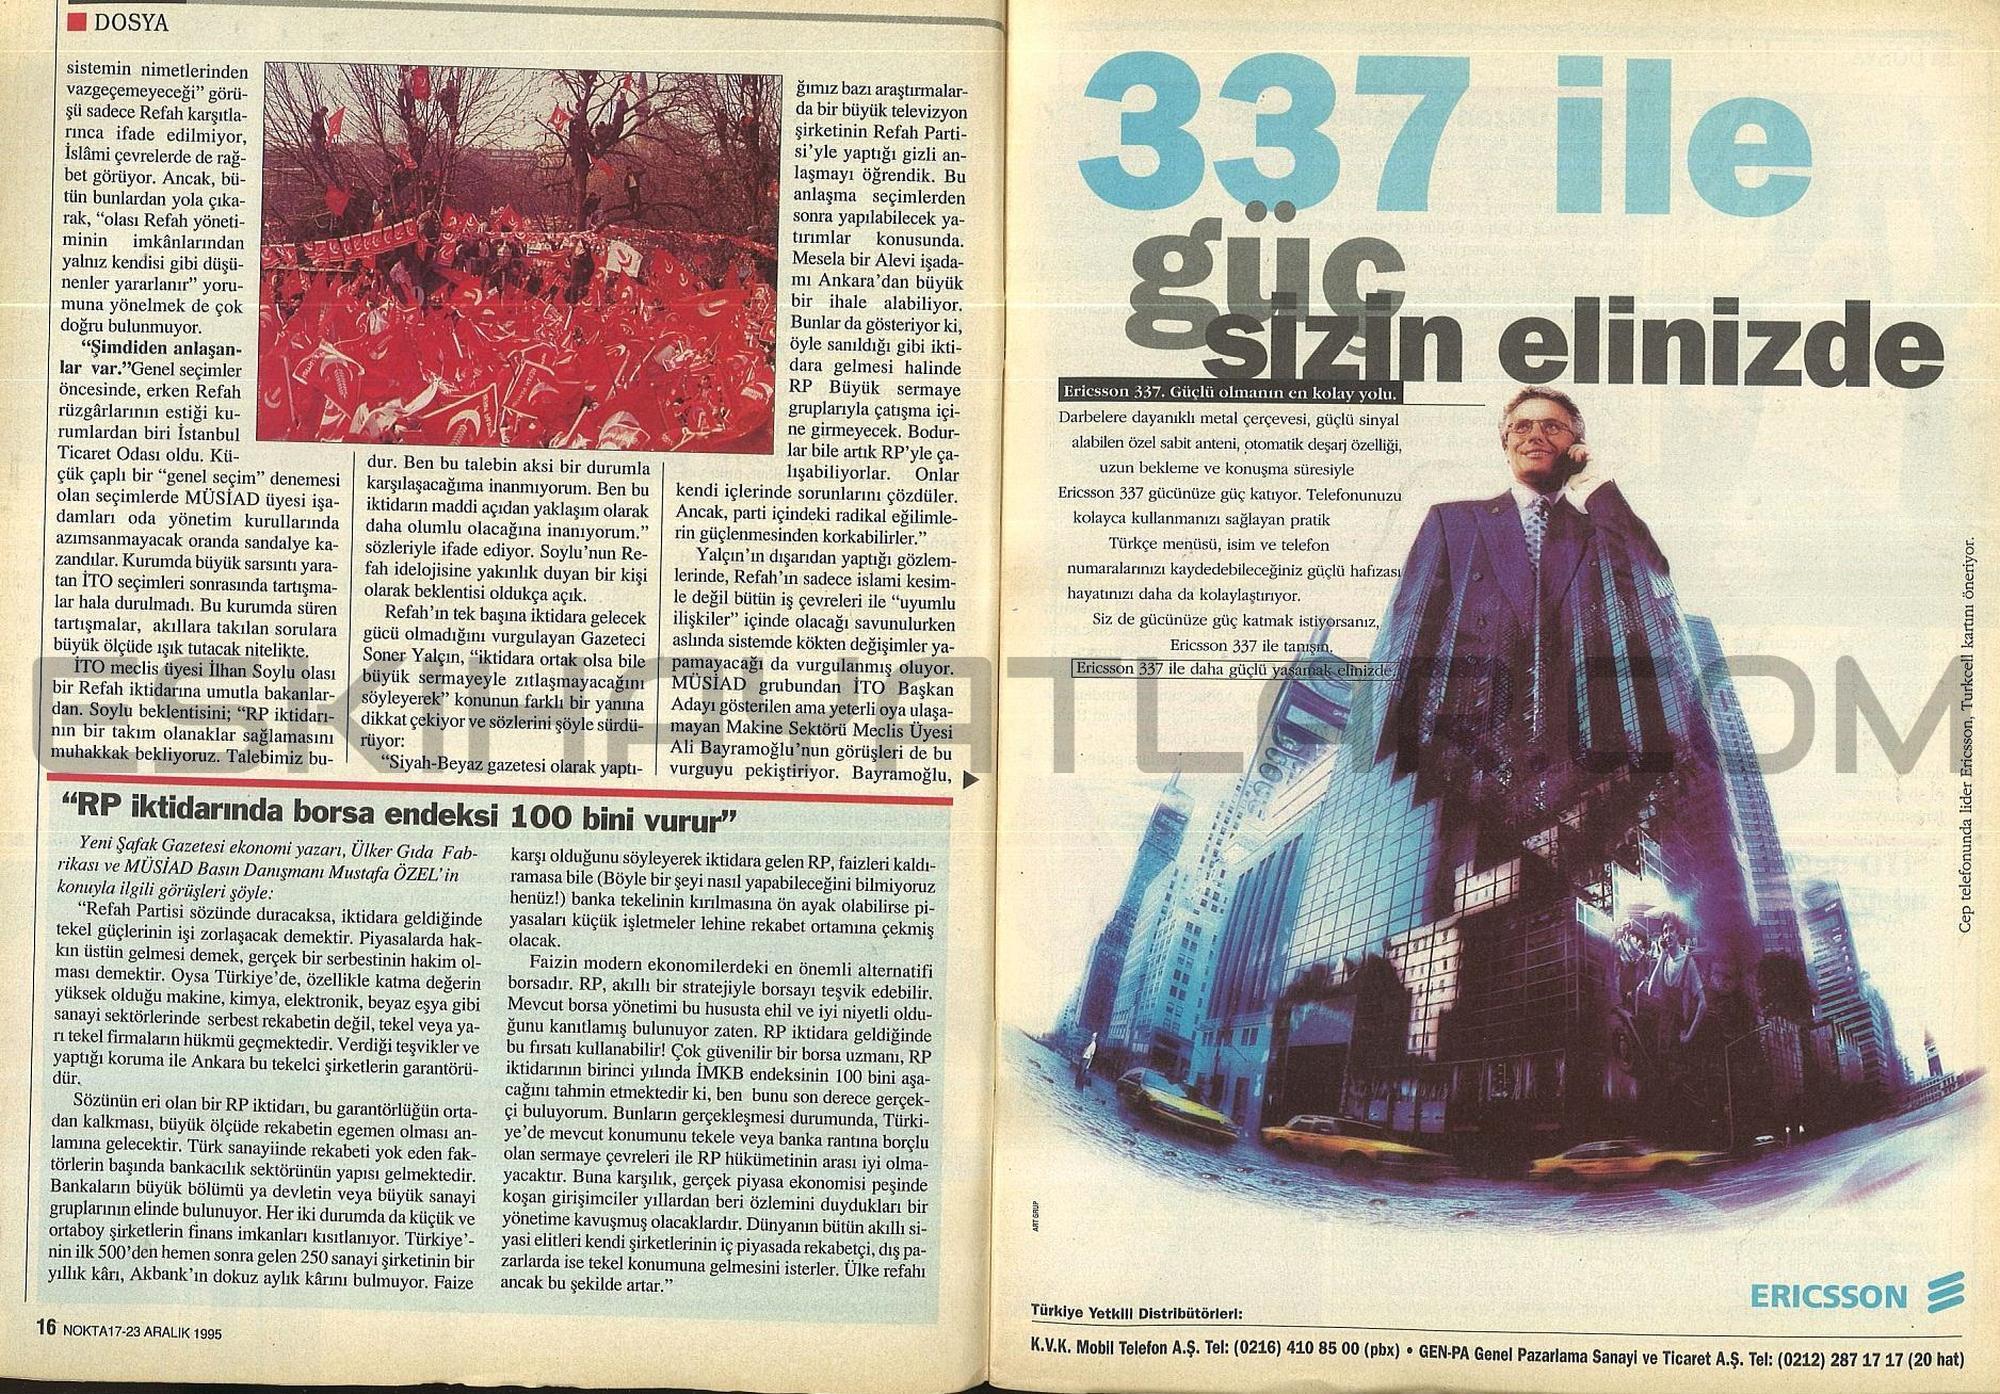 refah-partisi-1995-yilinda-secimleri-nasil-kazandi-necmettin-erbakan-tayyip-erdogan (4)